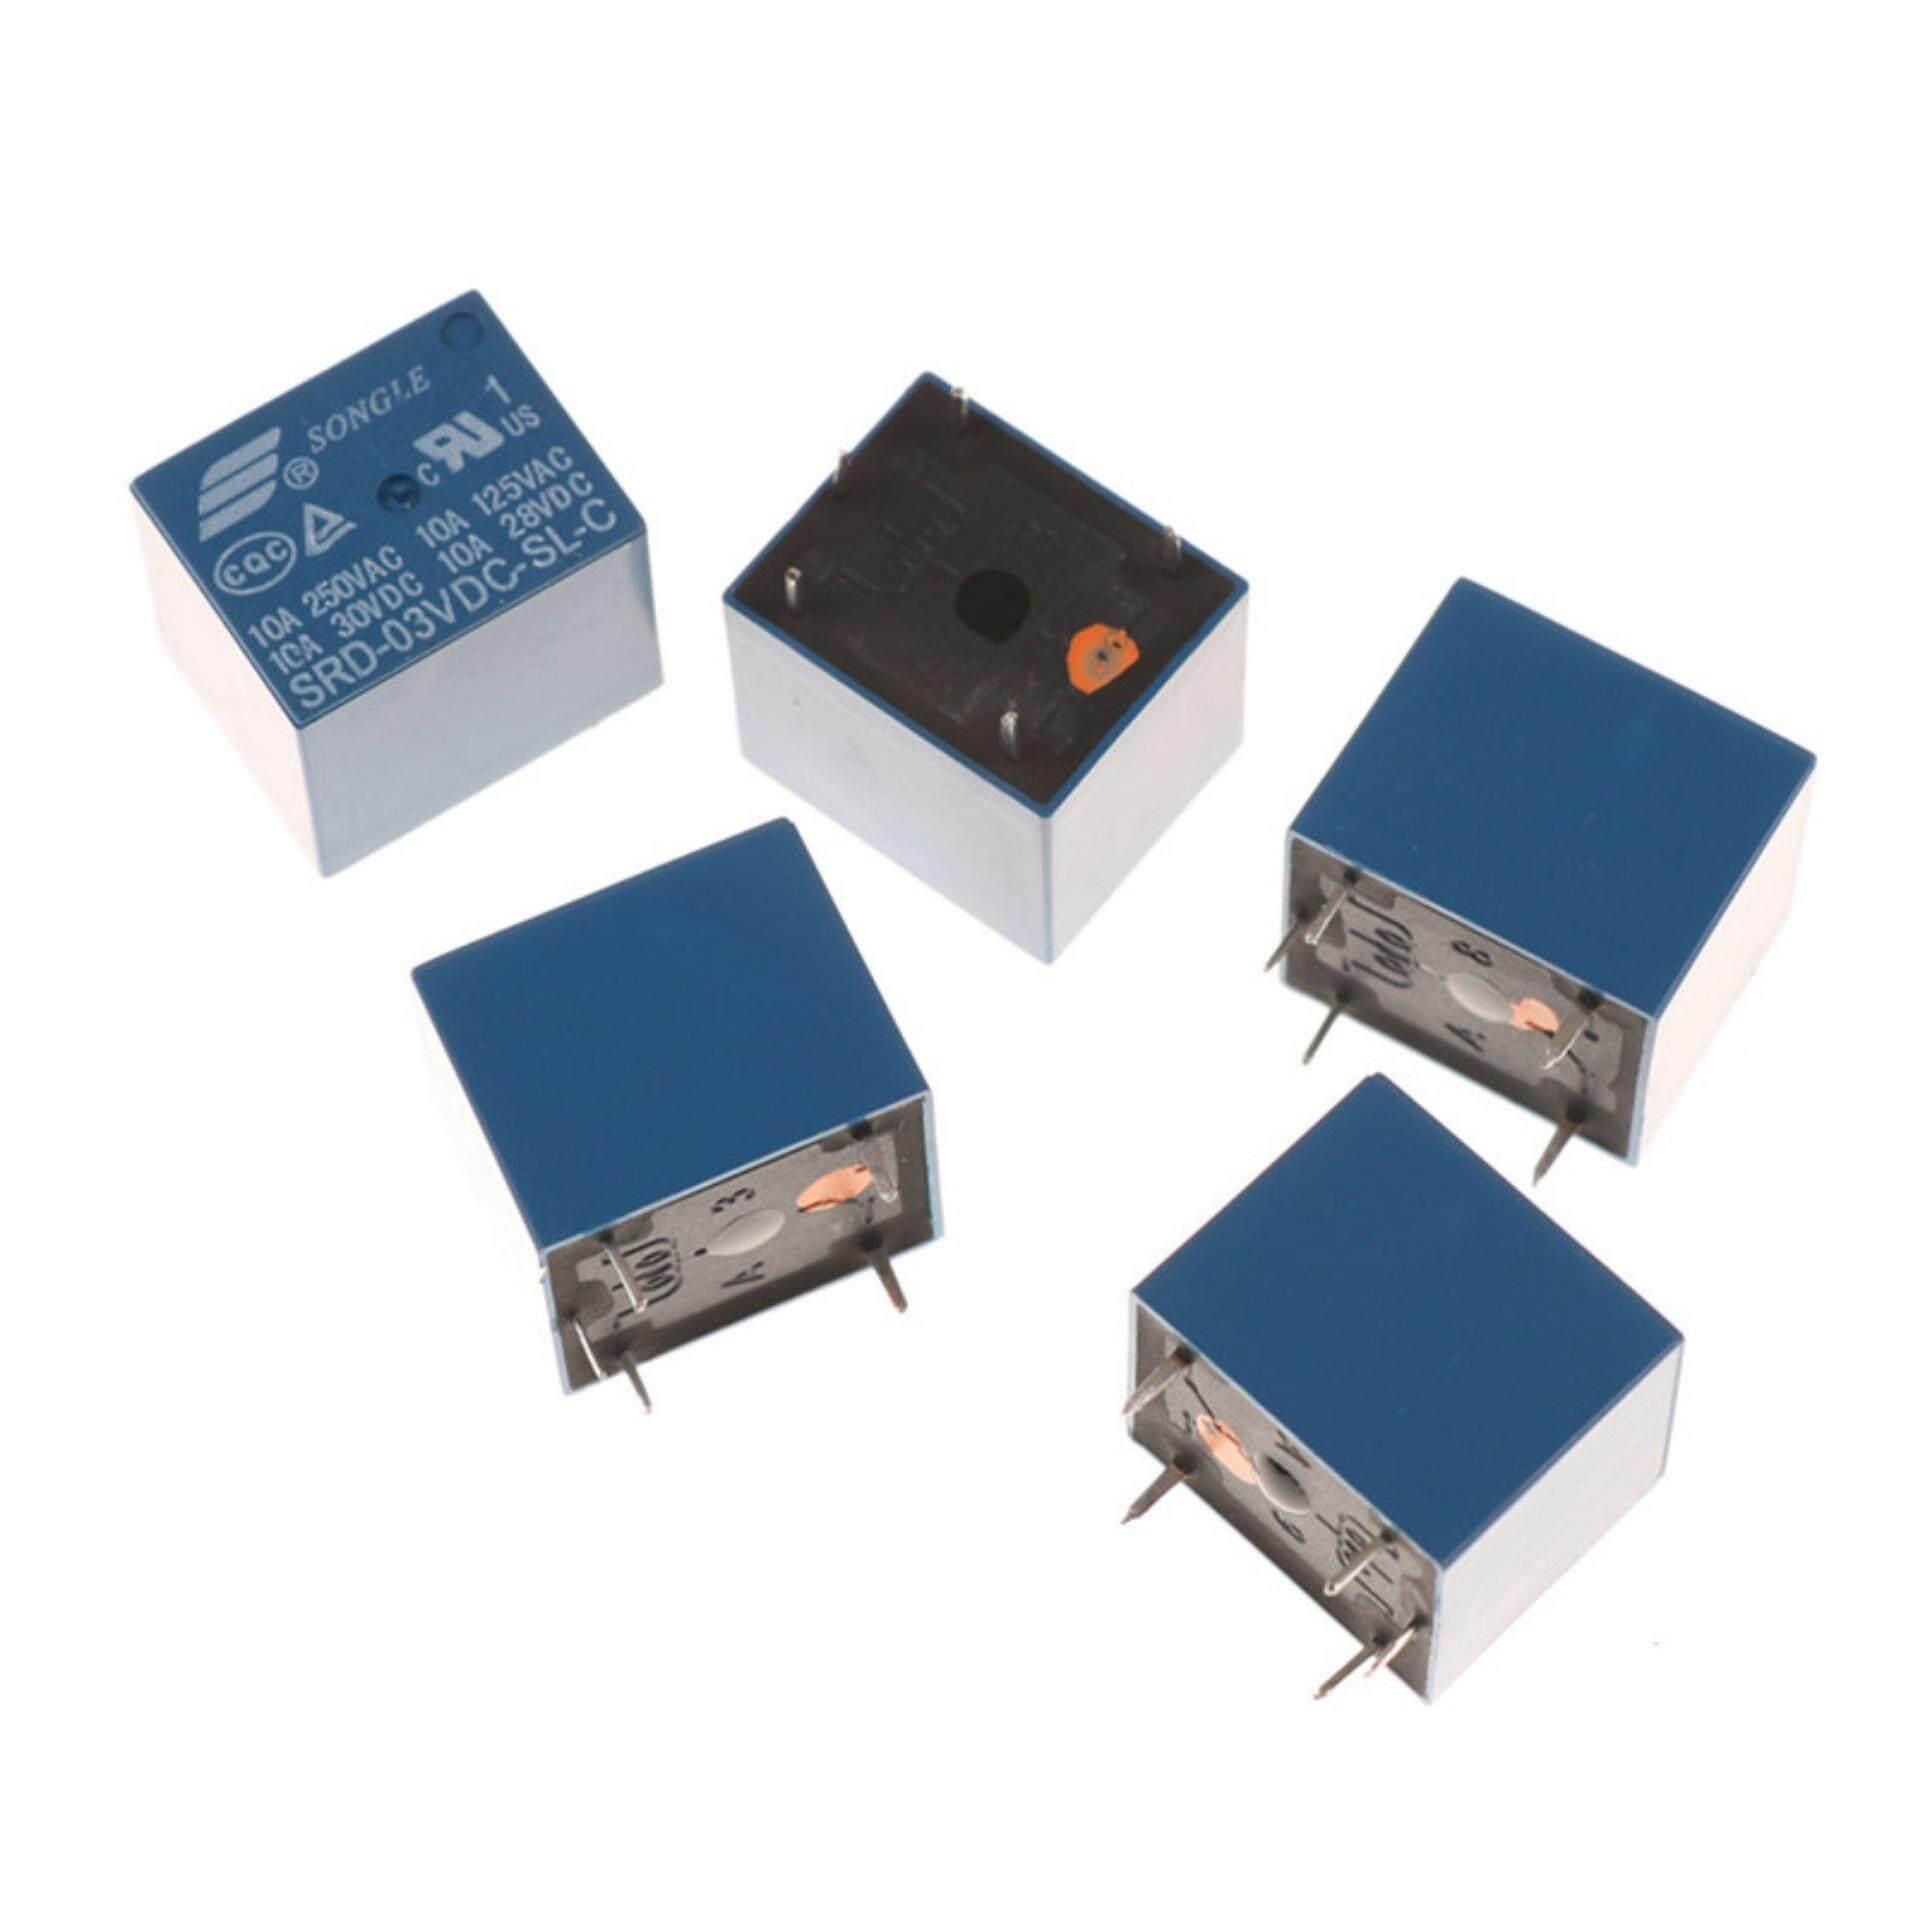 How To Buy 1pcs 5v Mdc Songle Power Relay Srd 05vdc Sl C Intl Spdt 12v 5pcs 3v Mini 3vdc Pcb Type Dc